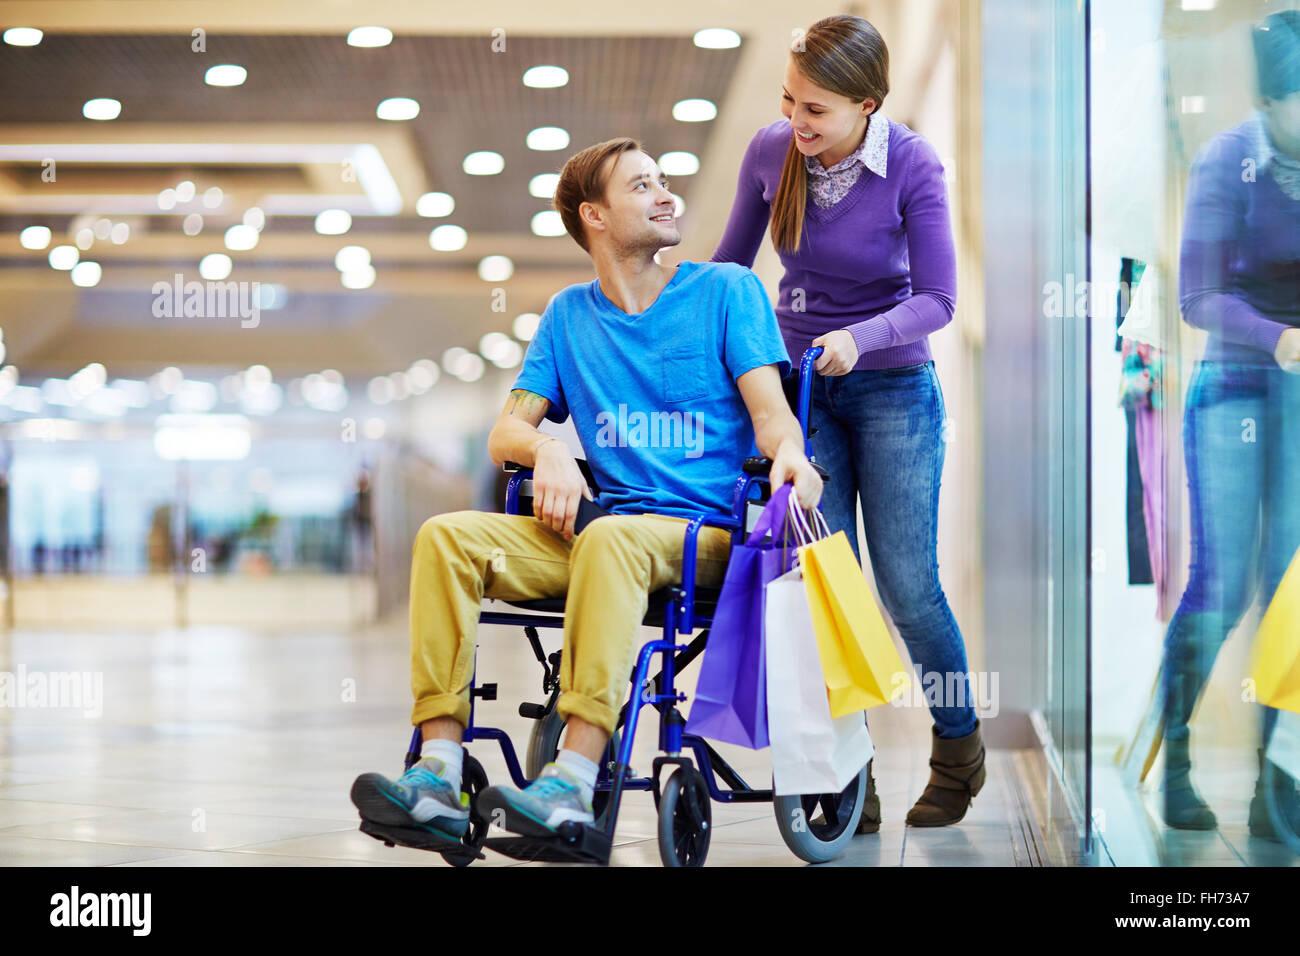 Cura la ragazza a parlare con il suo ragazzo in sedia a rotelle durante la vendita Immagini Stock